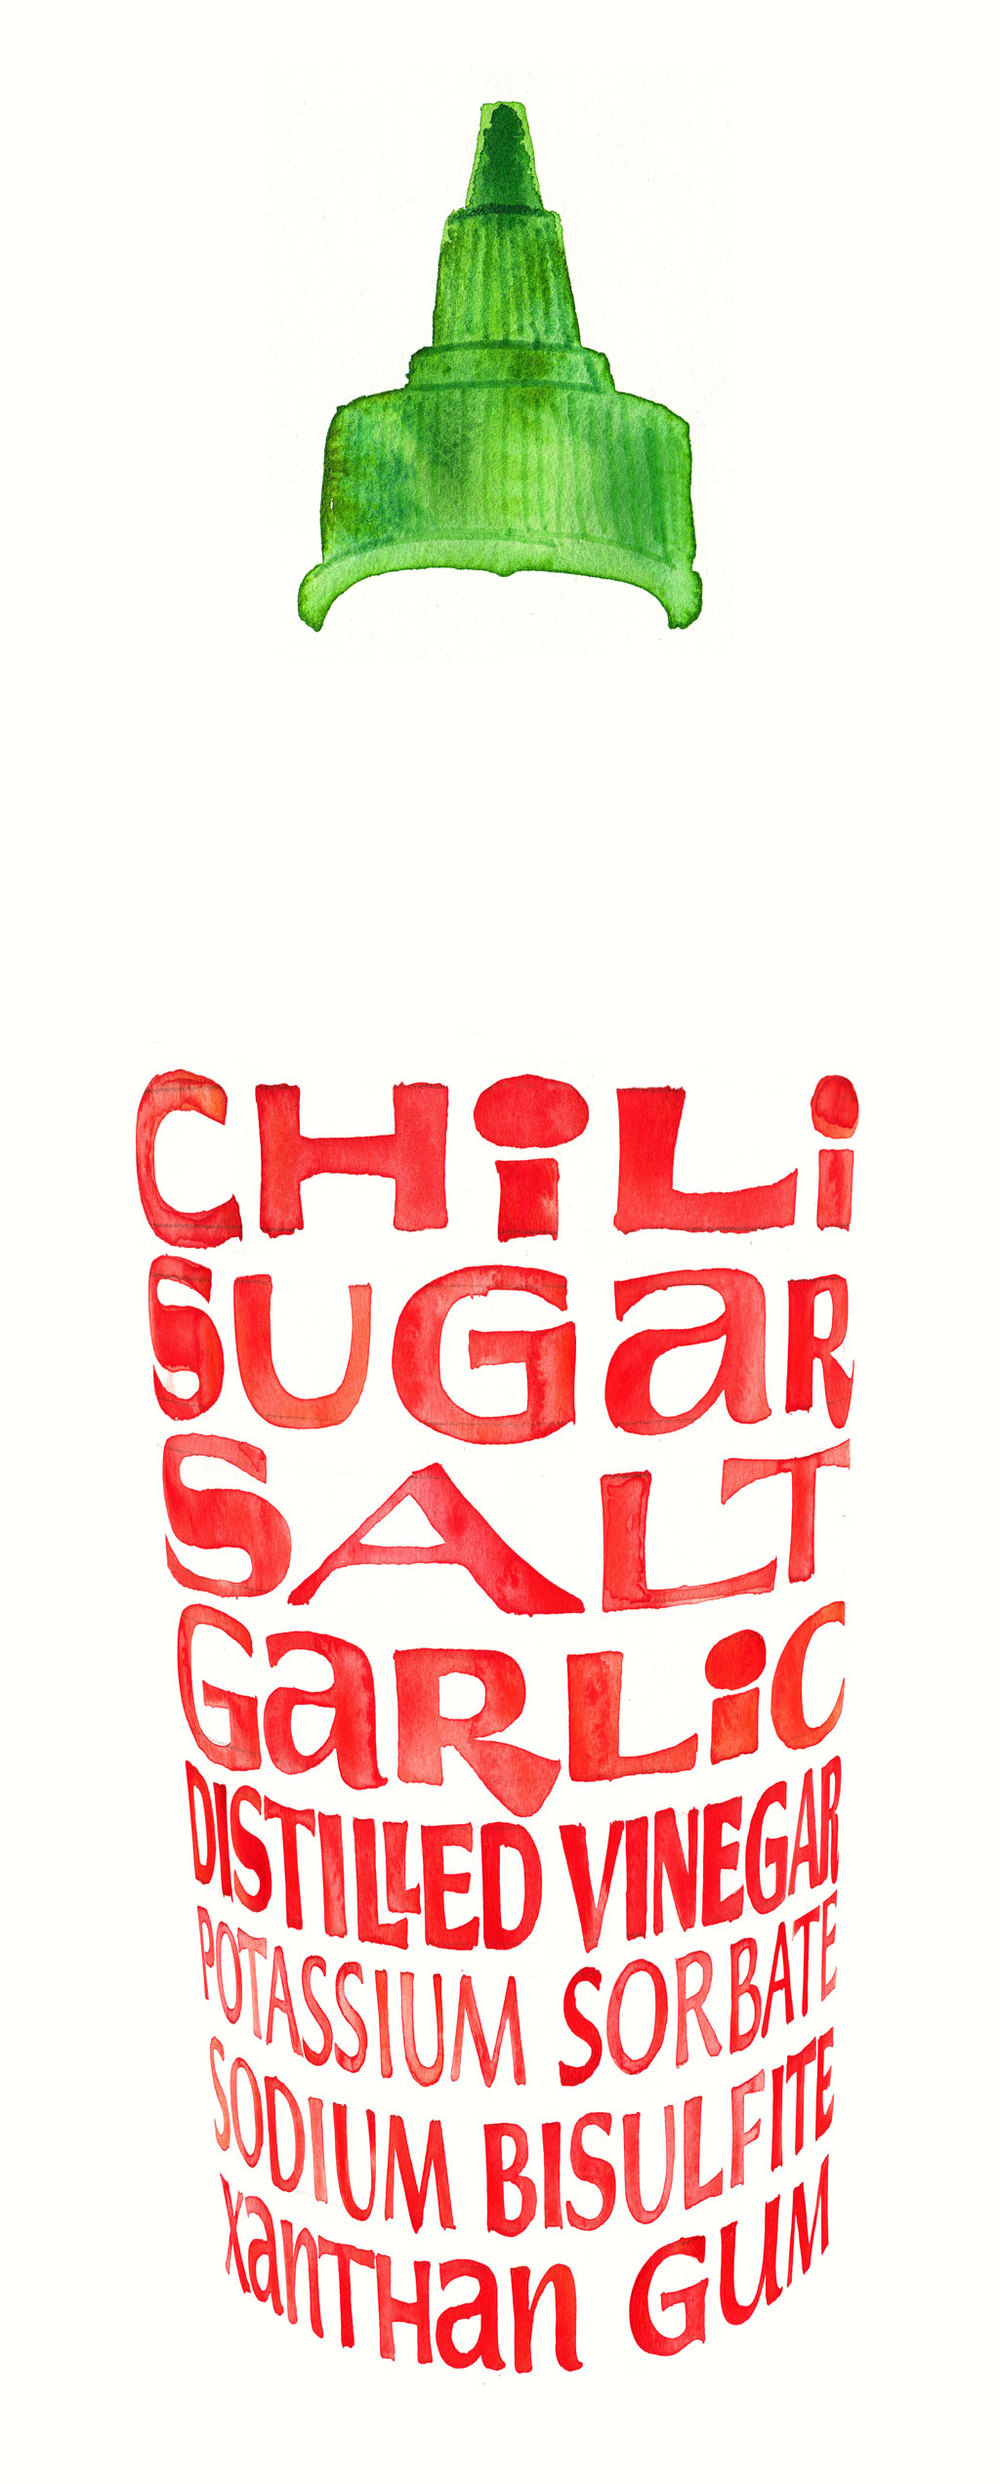 SrirachaW.jpg